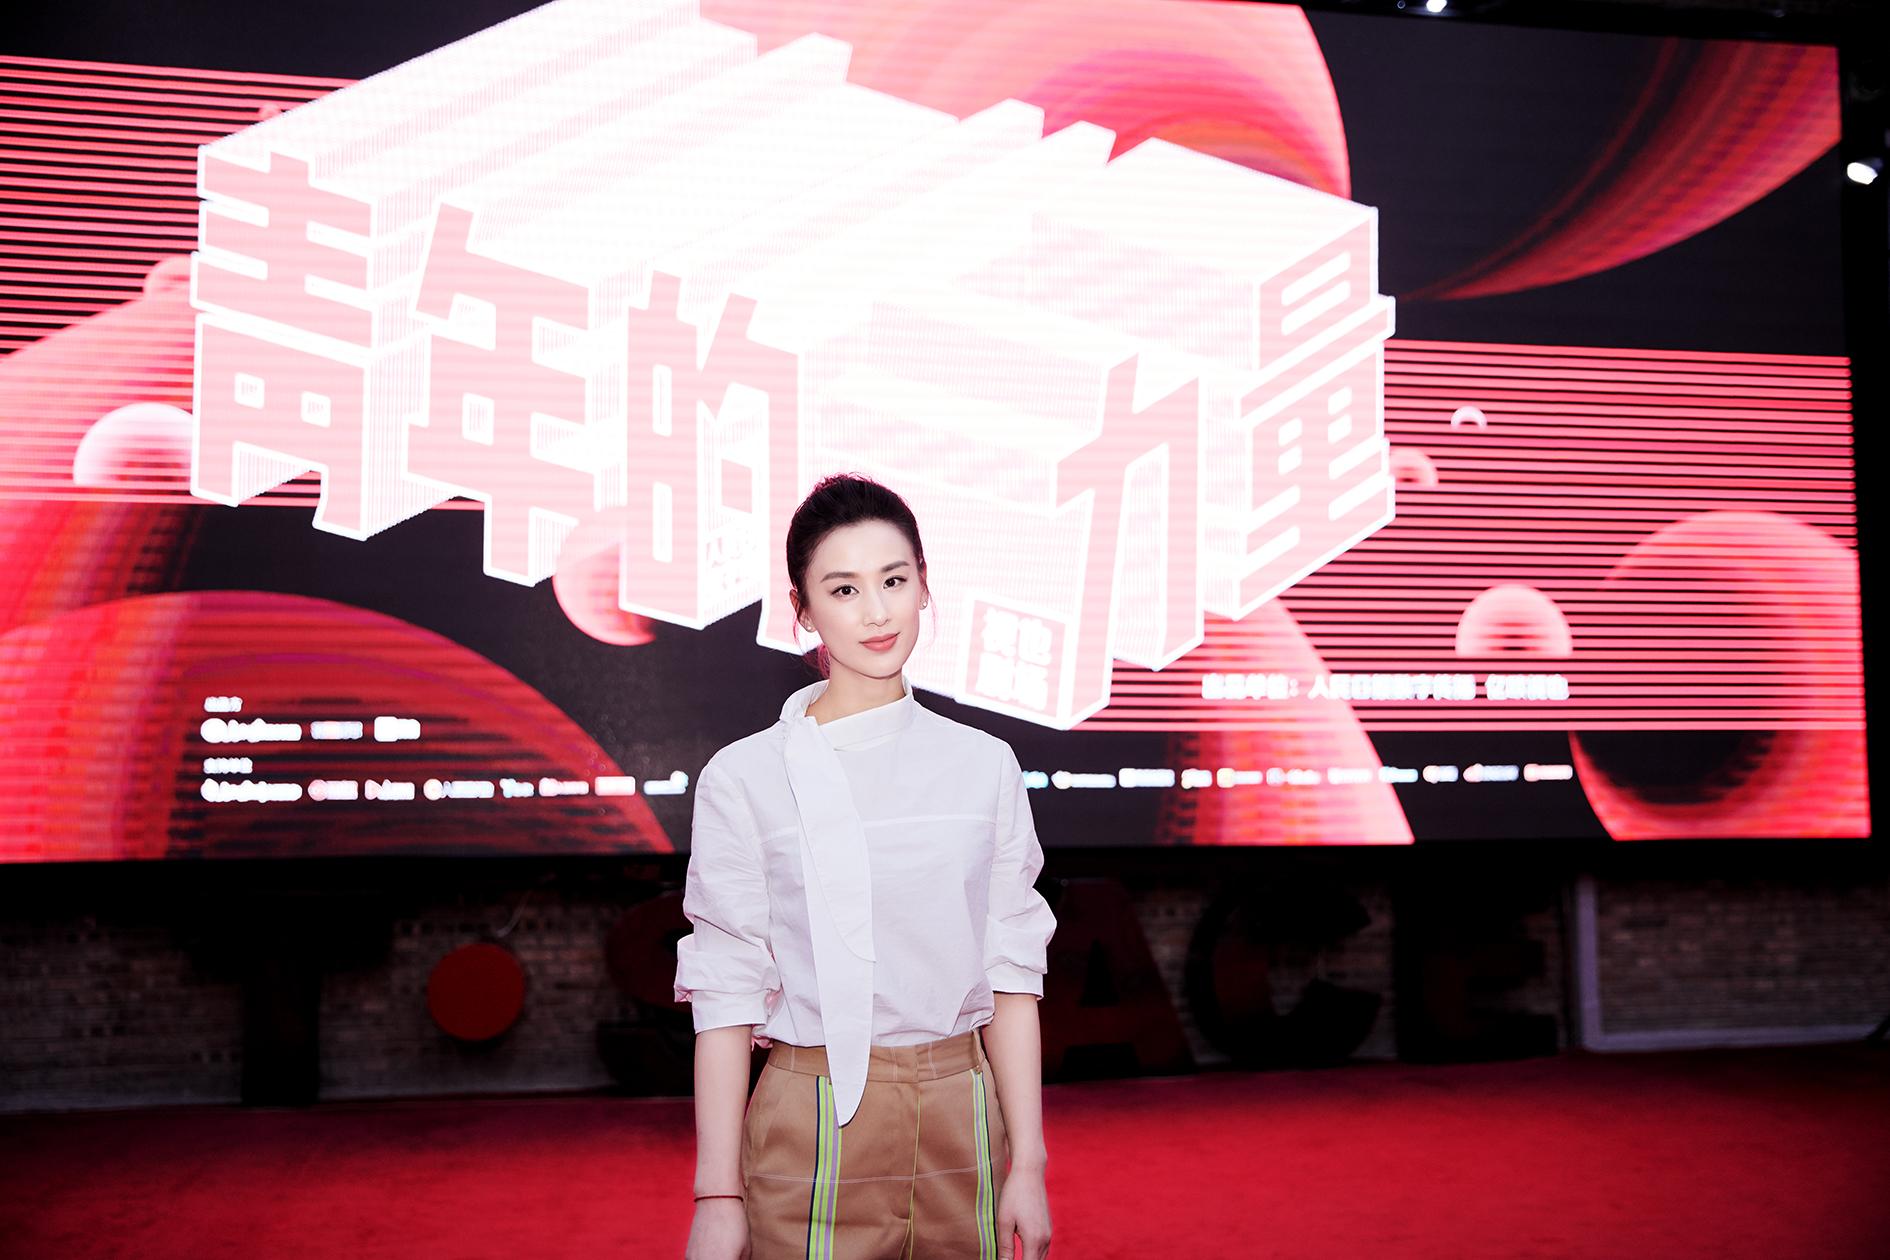 黄圣依参加五四演讲 白衬衫高马尾辫青春十足